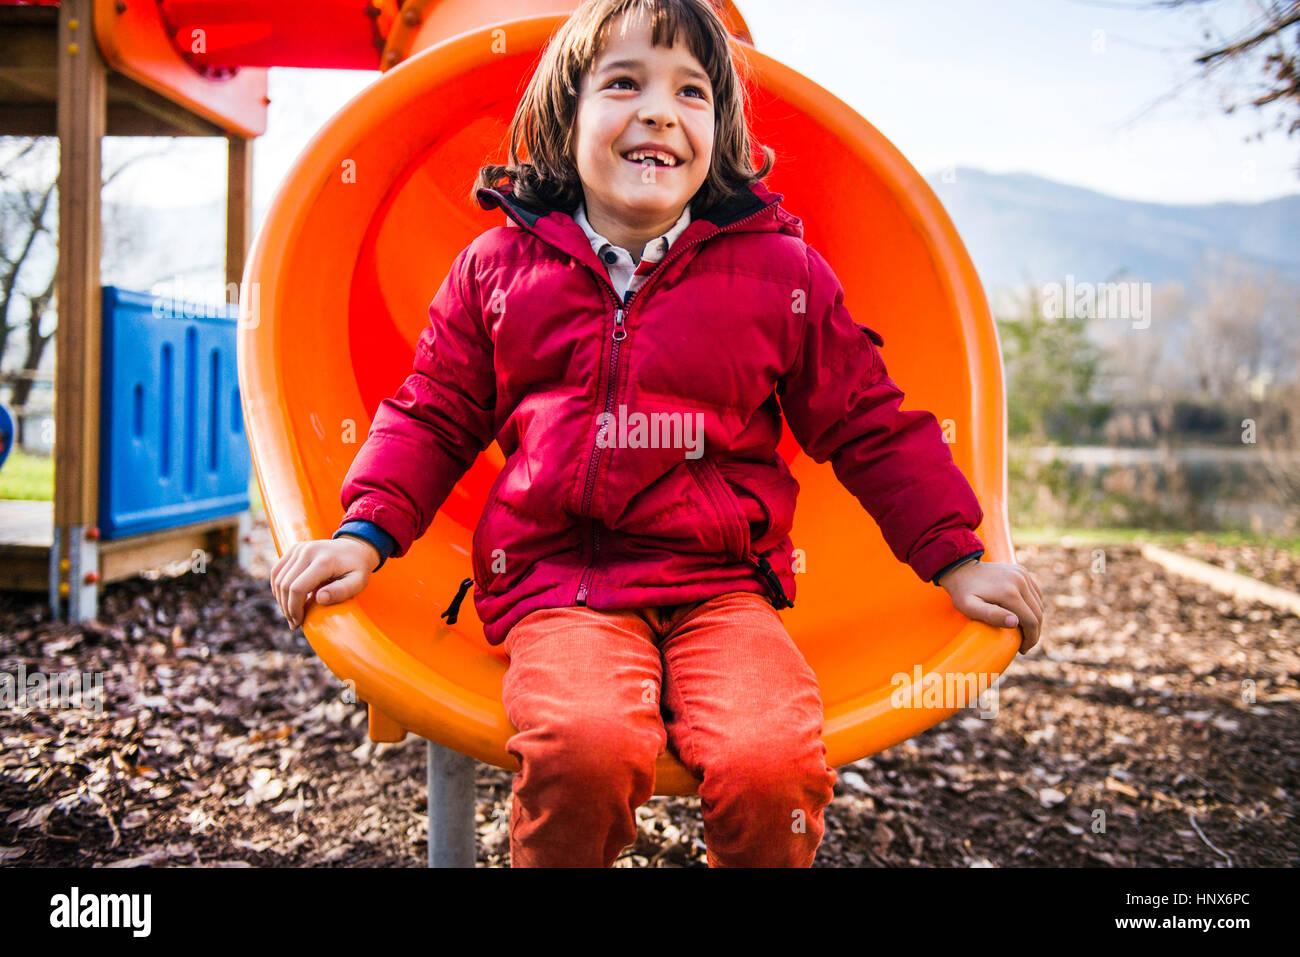 Garçon assis sur l'orange jeux Faites glisser Photo Stock